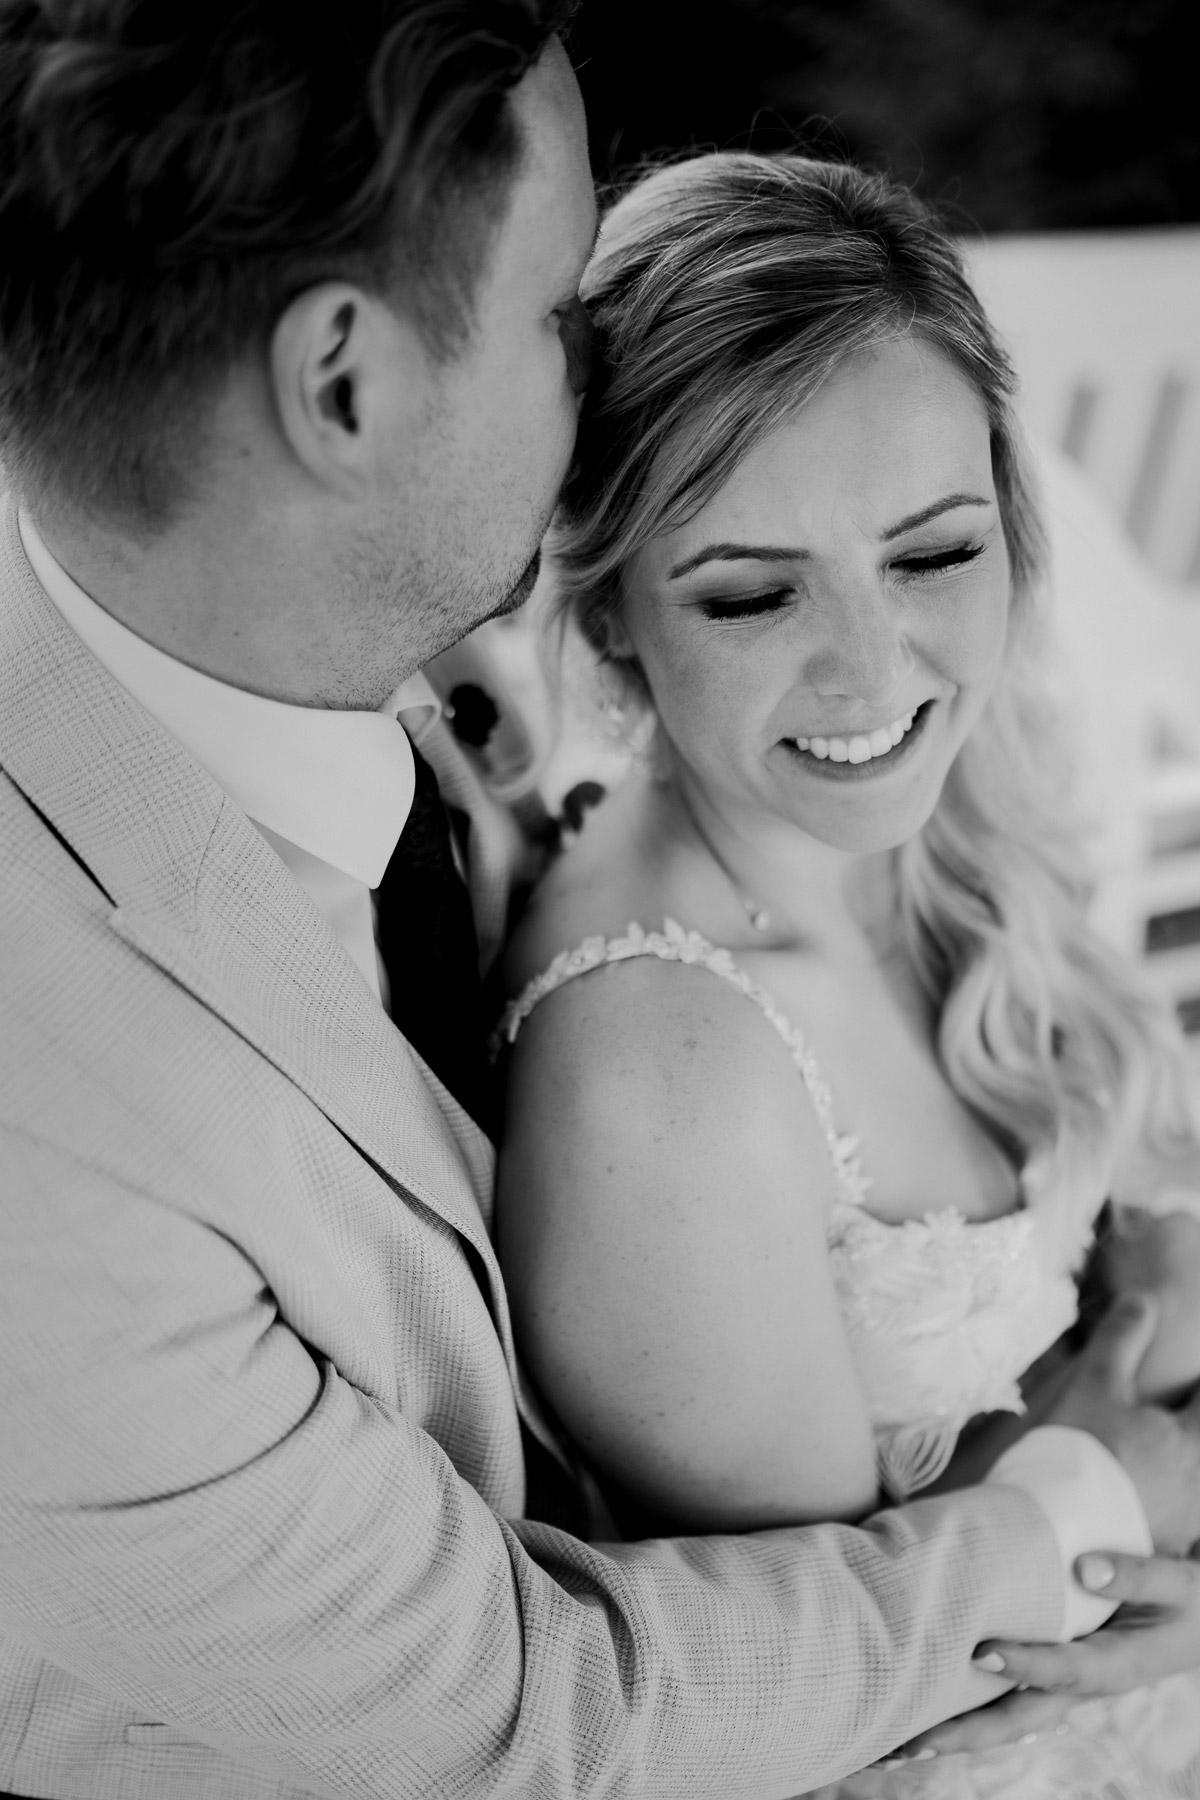 Boho Braut wird von Bräutigam umarmt: Glücklich lächelnde Braut auf ihrer Corona-Gartenhochzeit am Wasser in den Armen ihres Bräutigams. Hochzeitsfotograf Potsdam aus Berlin © www.hochzeitslicht.de #hochzeitslicht